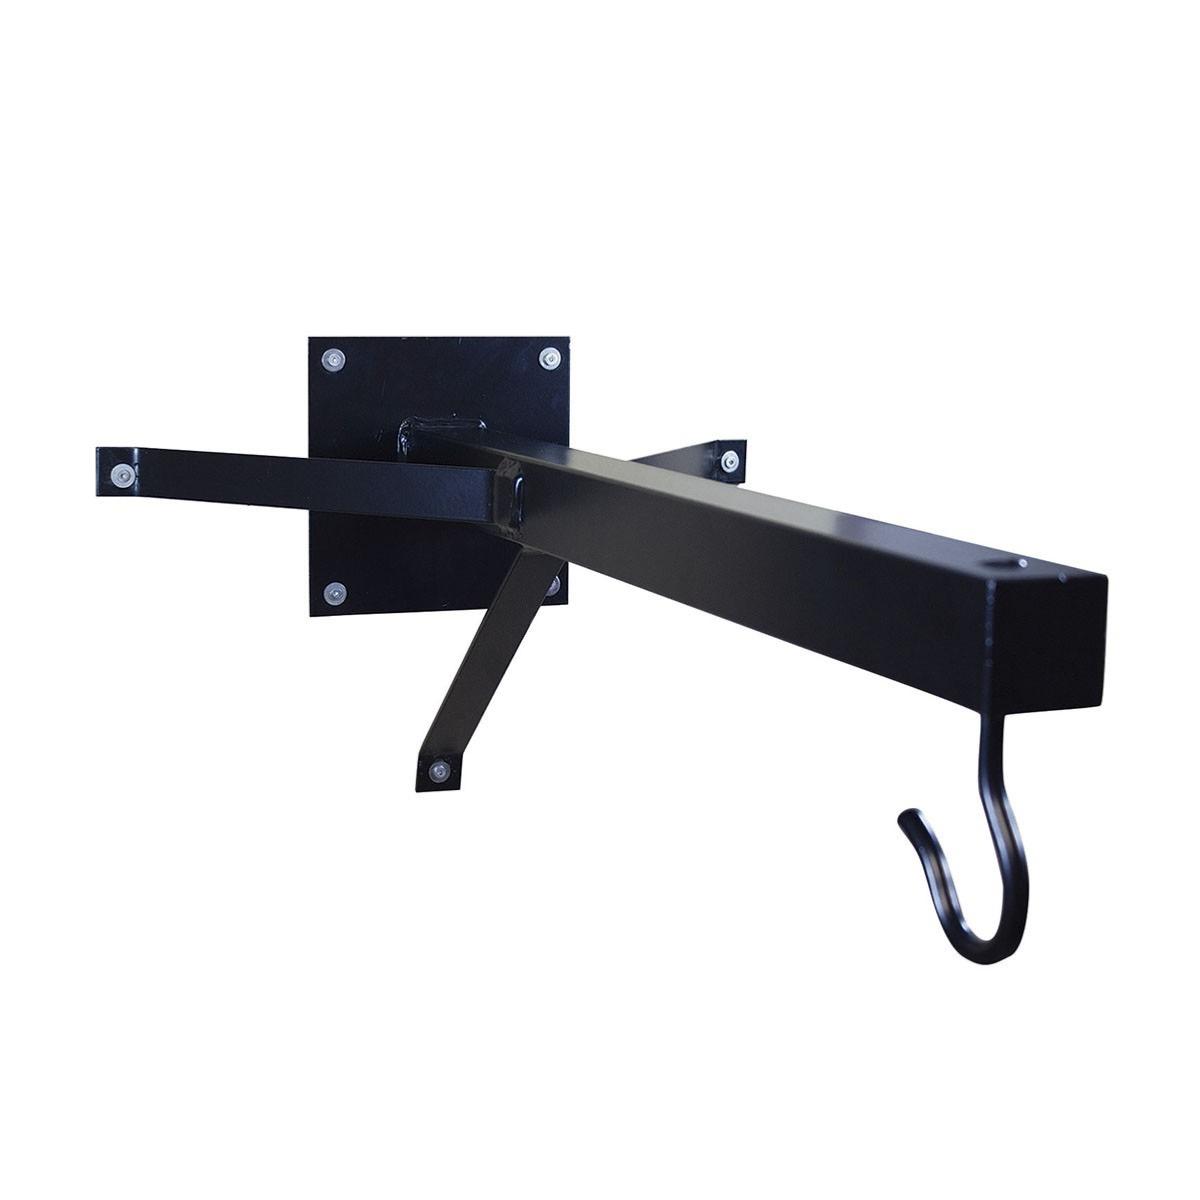 support pour sac de frappe fuji mae. Black Bedroom Furniture Sets. Home Design Ideas